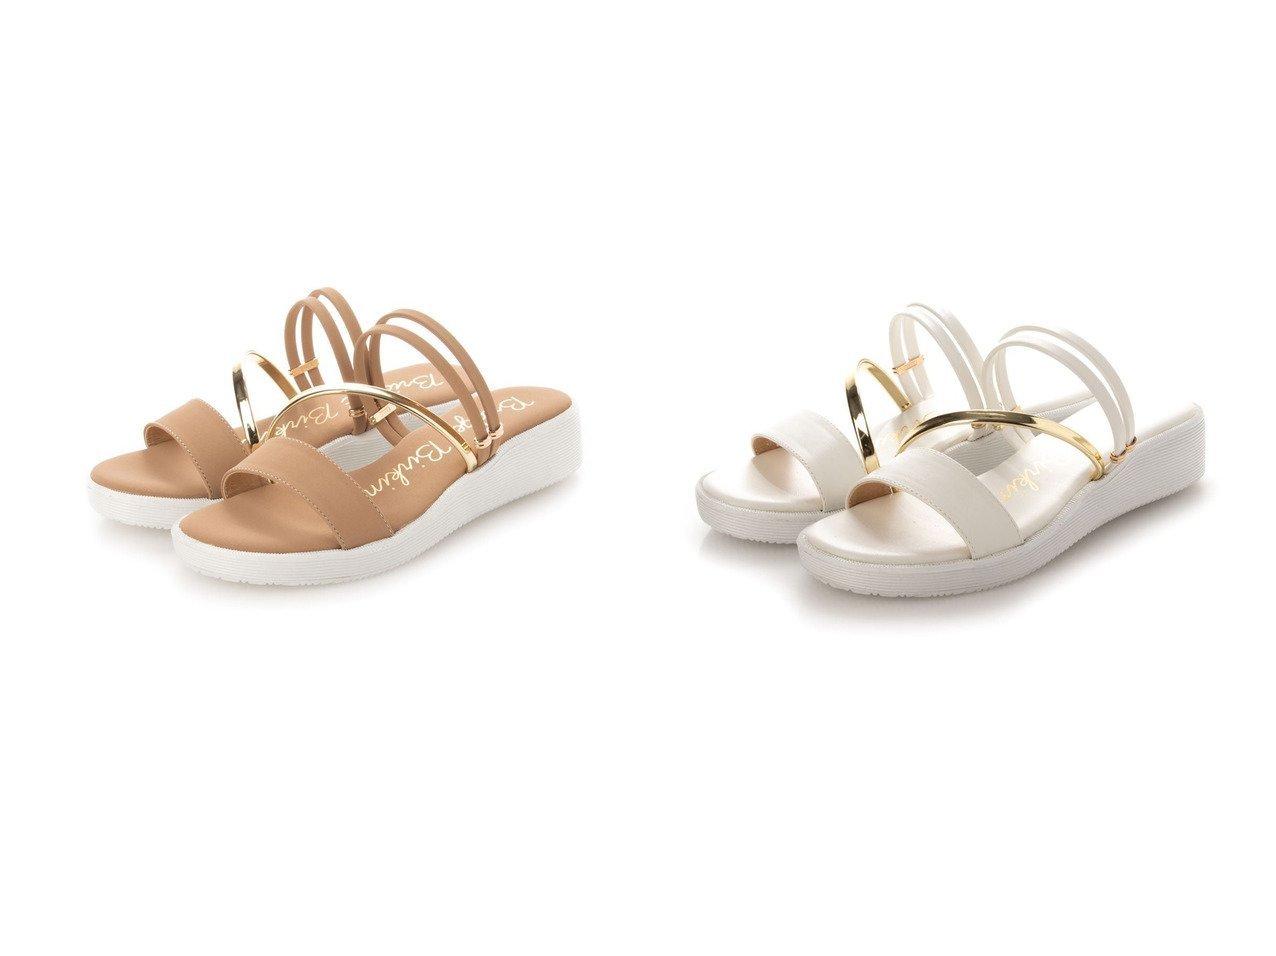 【Bridget Birkin/ブリジット バーキン】のメタリックストラップミュール 【シューズ・靴】おすすめ!人気、トレンド・レディースファッションの通販 おすすめで人気の流行・トレンド、ファッションの通販商品 インテリア・家具・メンズファッション・キッズファッション・レディースファッション・服の通販 founy(ファニー) https://founy.com/ ファッション Fashion レディースファッション WOMEN 2021年 2021 2021春夏・S/S SS/Spring/Summer/2021 S/S・春夏 SS・Spring/Summer クッション サンダル 夏 Summer 春 Spring 軽量 |ID:crp329100000049422